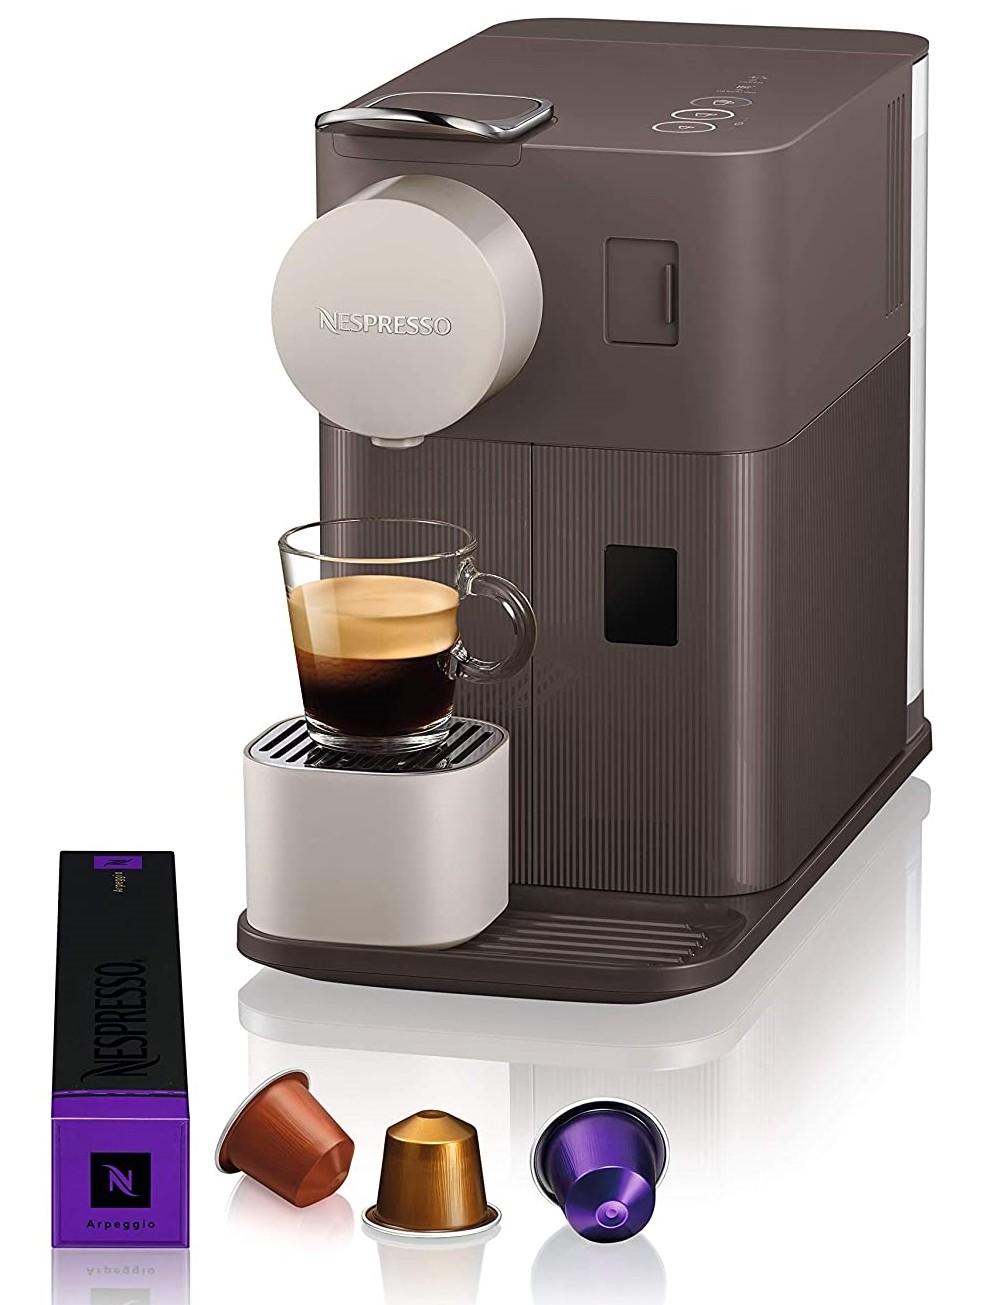 Automatic Nespresso Lattissima Coffee Machine - Mocha Brown